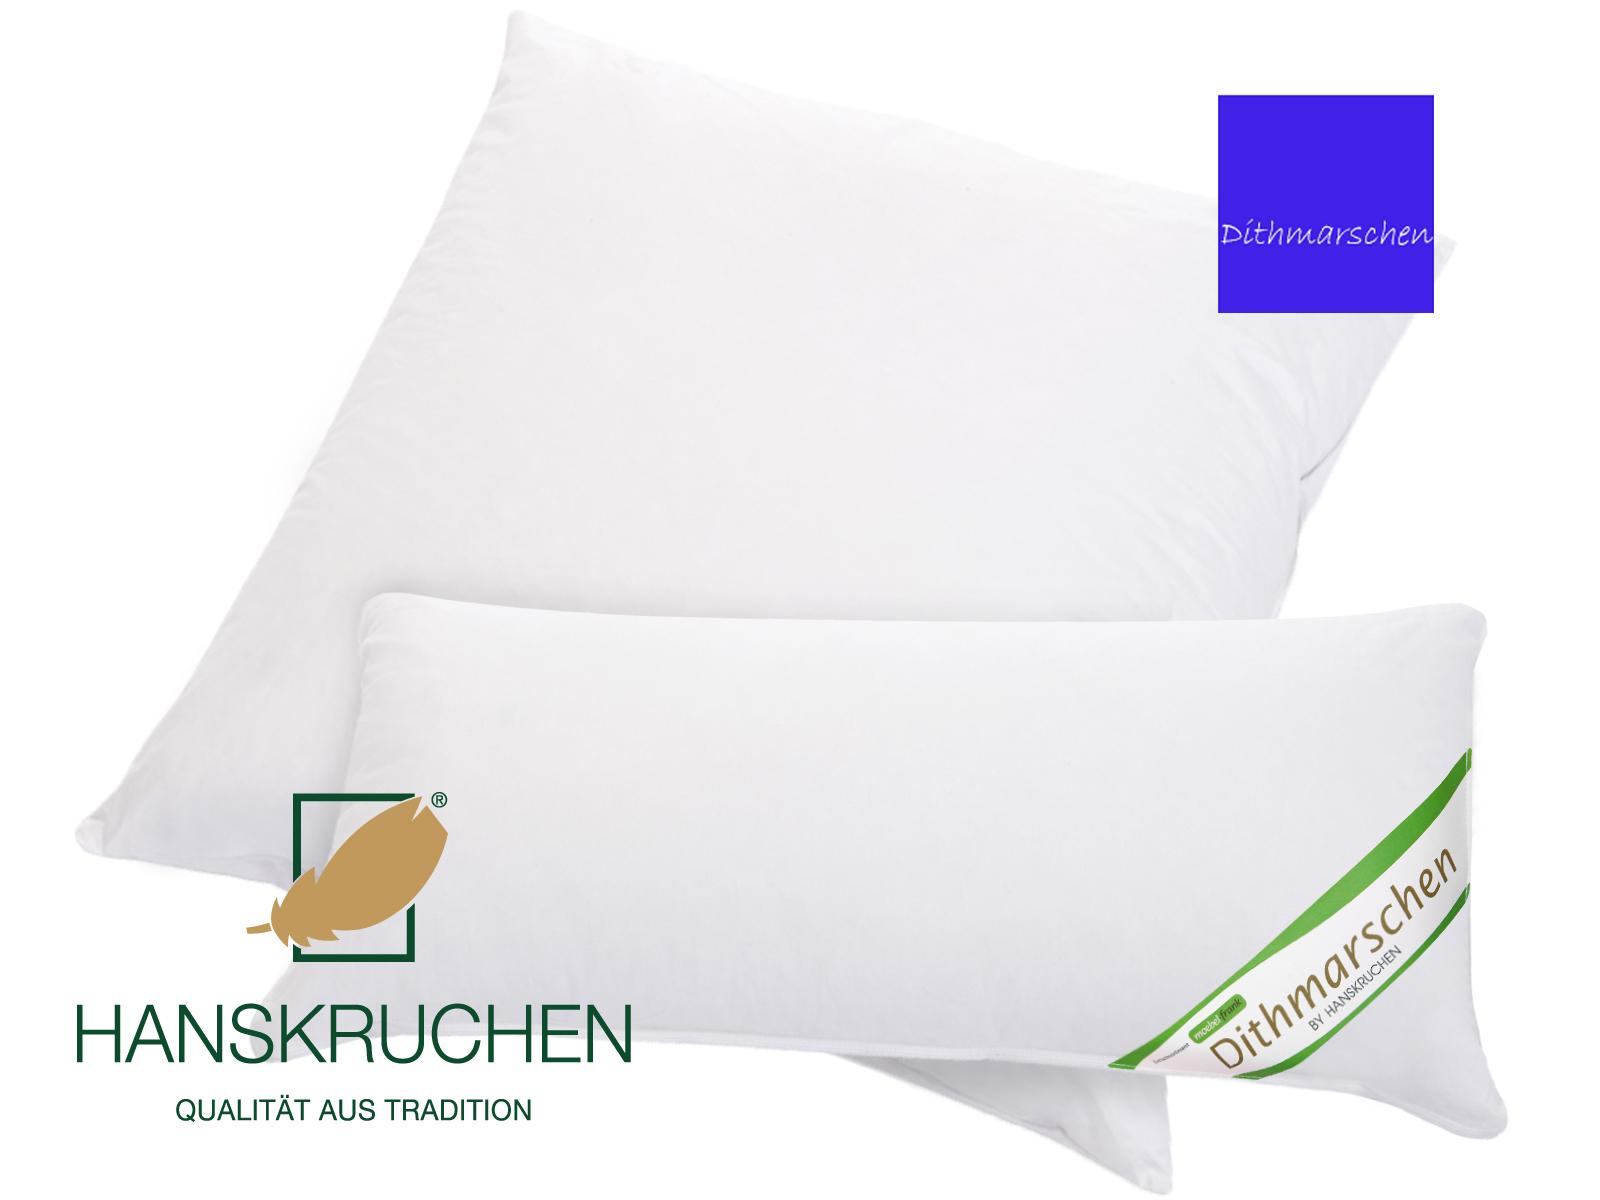 Kopfkissen neue weiße Gänsedaune und -federn Baumwolle Dithmarschen Hanskruchen – Bild 1